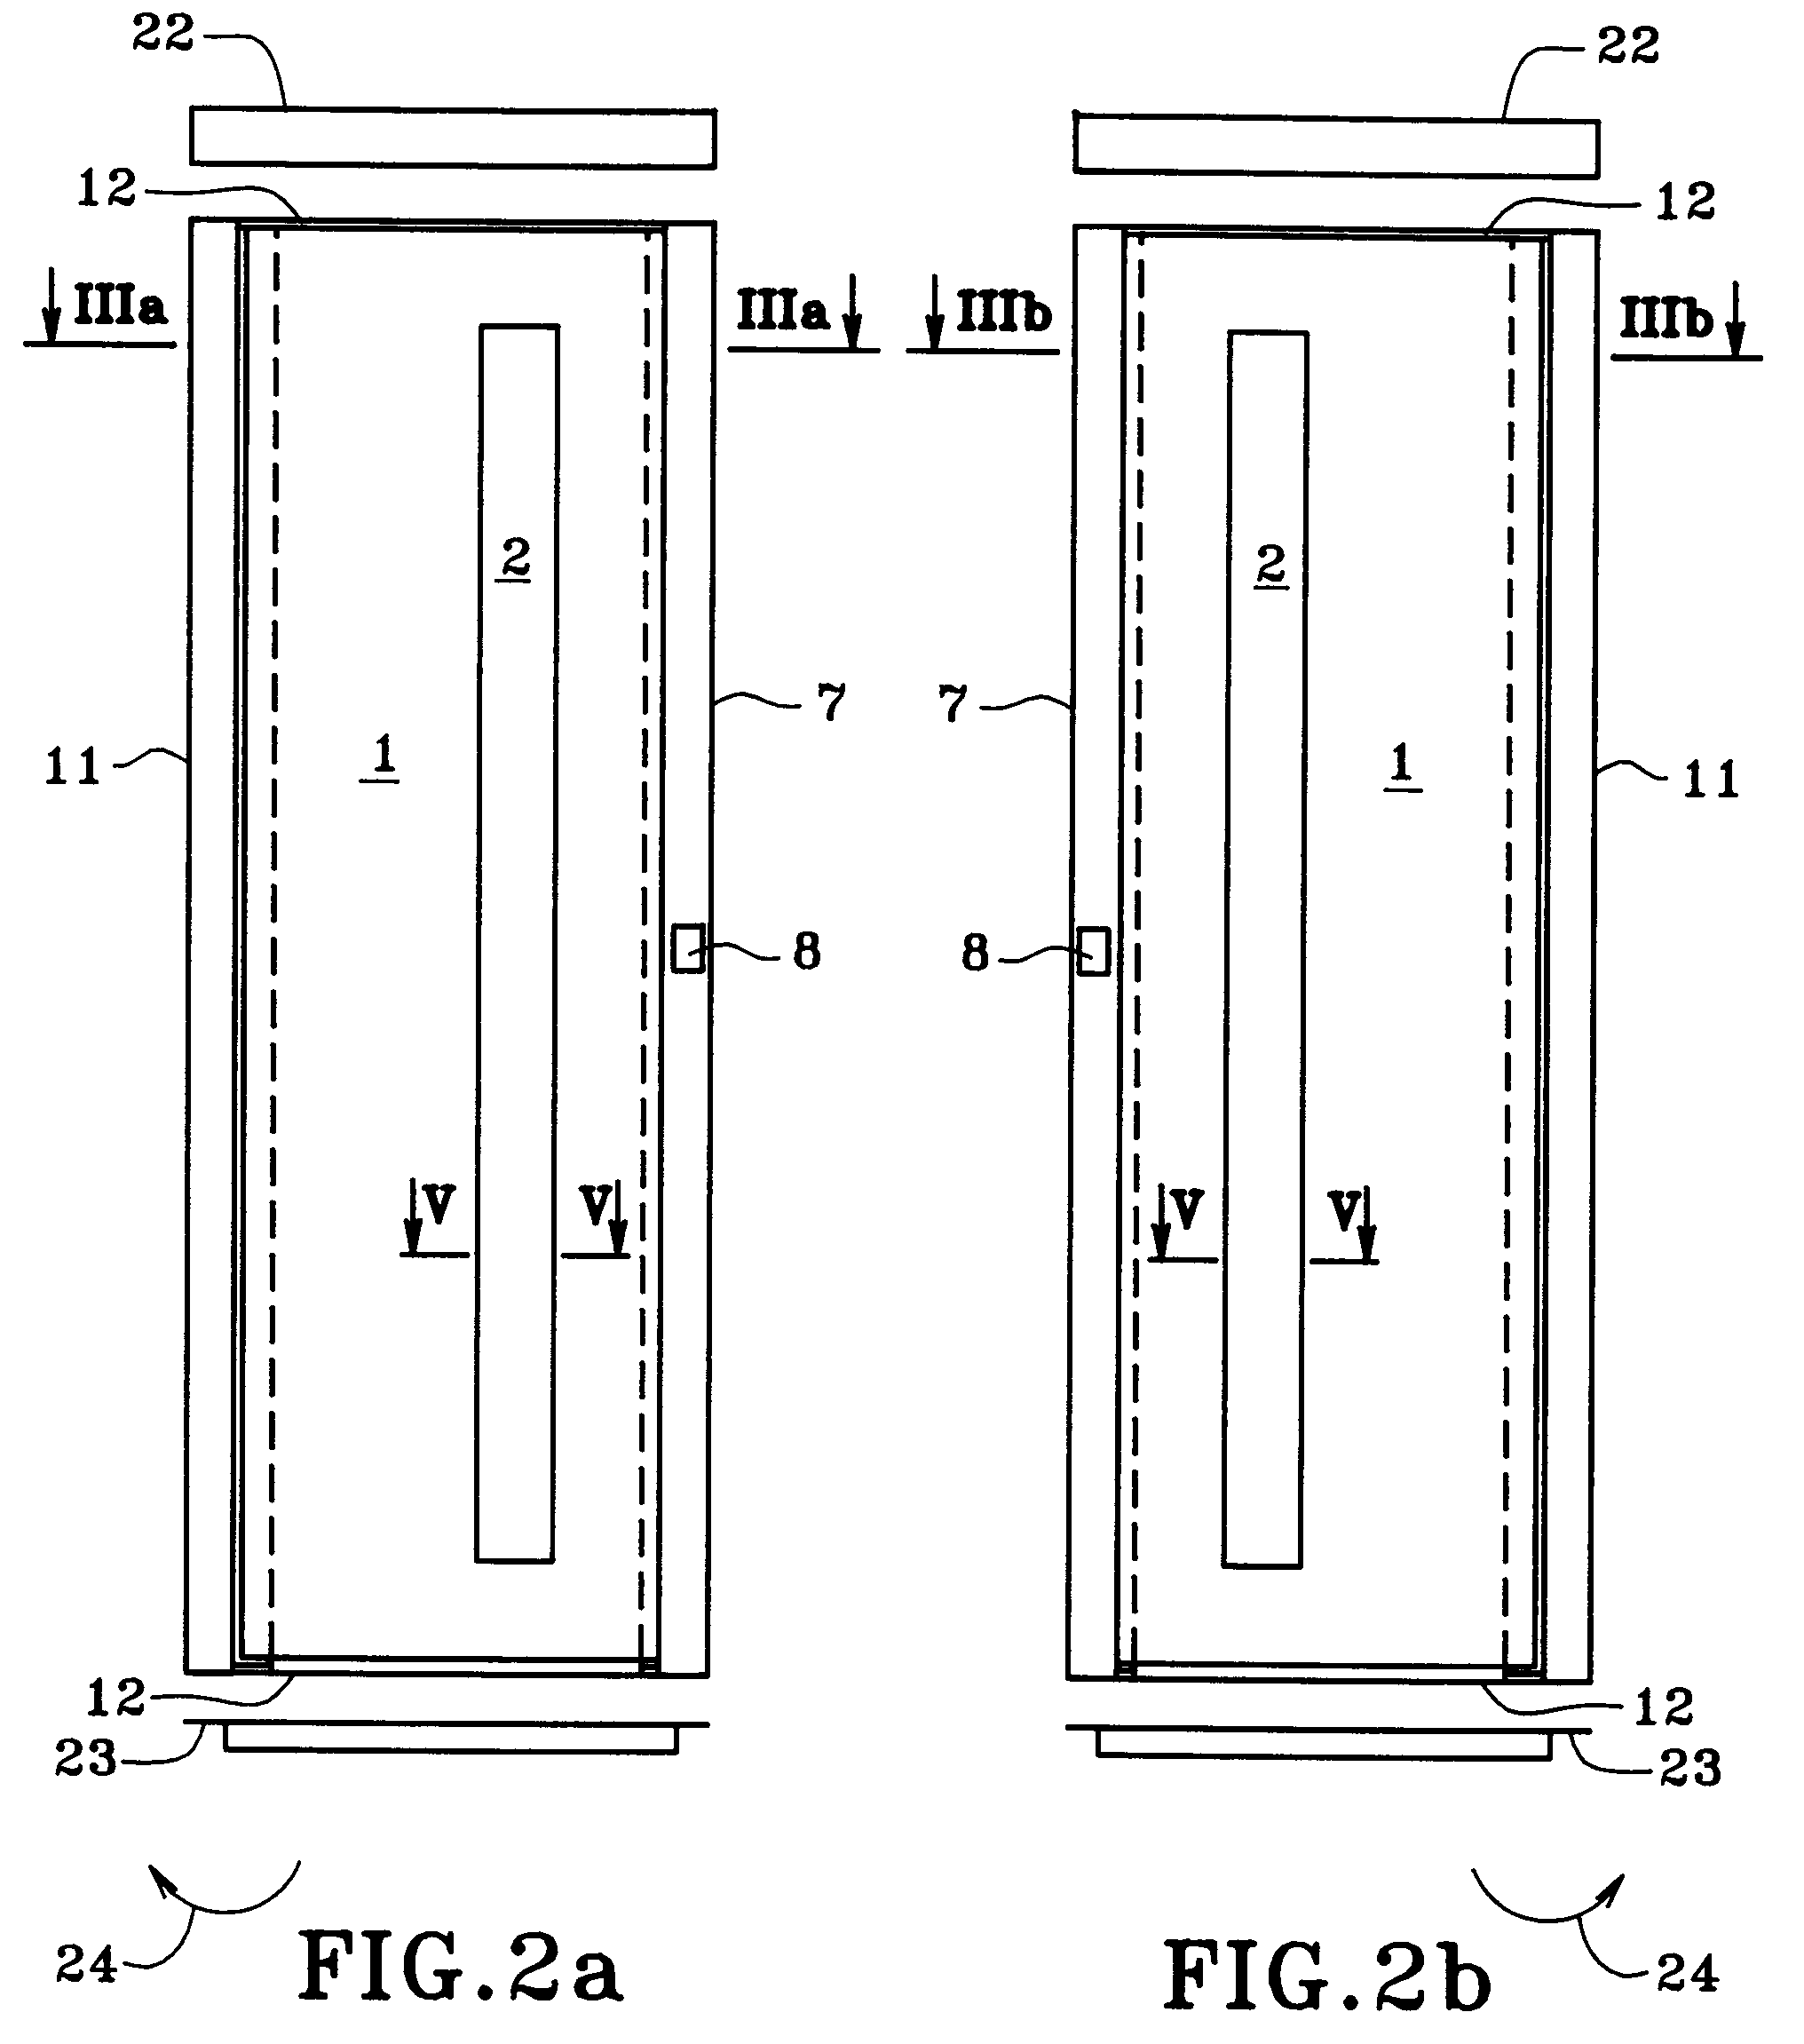 patent ep0684205a1 porte d 39 ascenseur et son proc d de. Black Bedroom Furniture Sets. Home Design Ideas